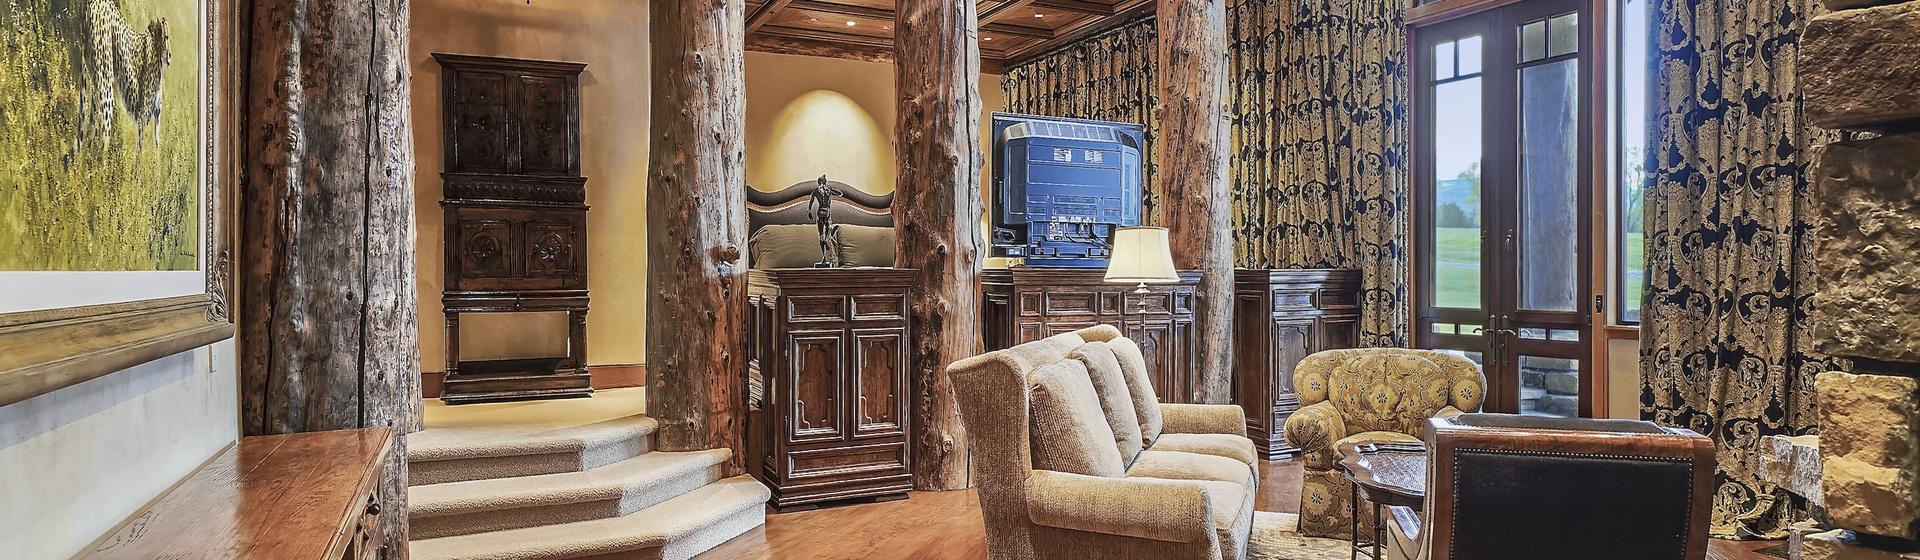 5.1-Telluride-Sleeping-Indian-Ranch-east-wing-suite-sitting-room-web.JPG